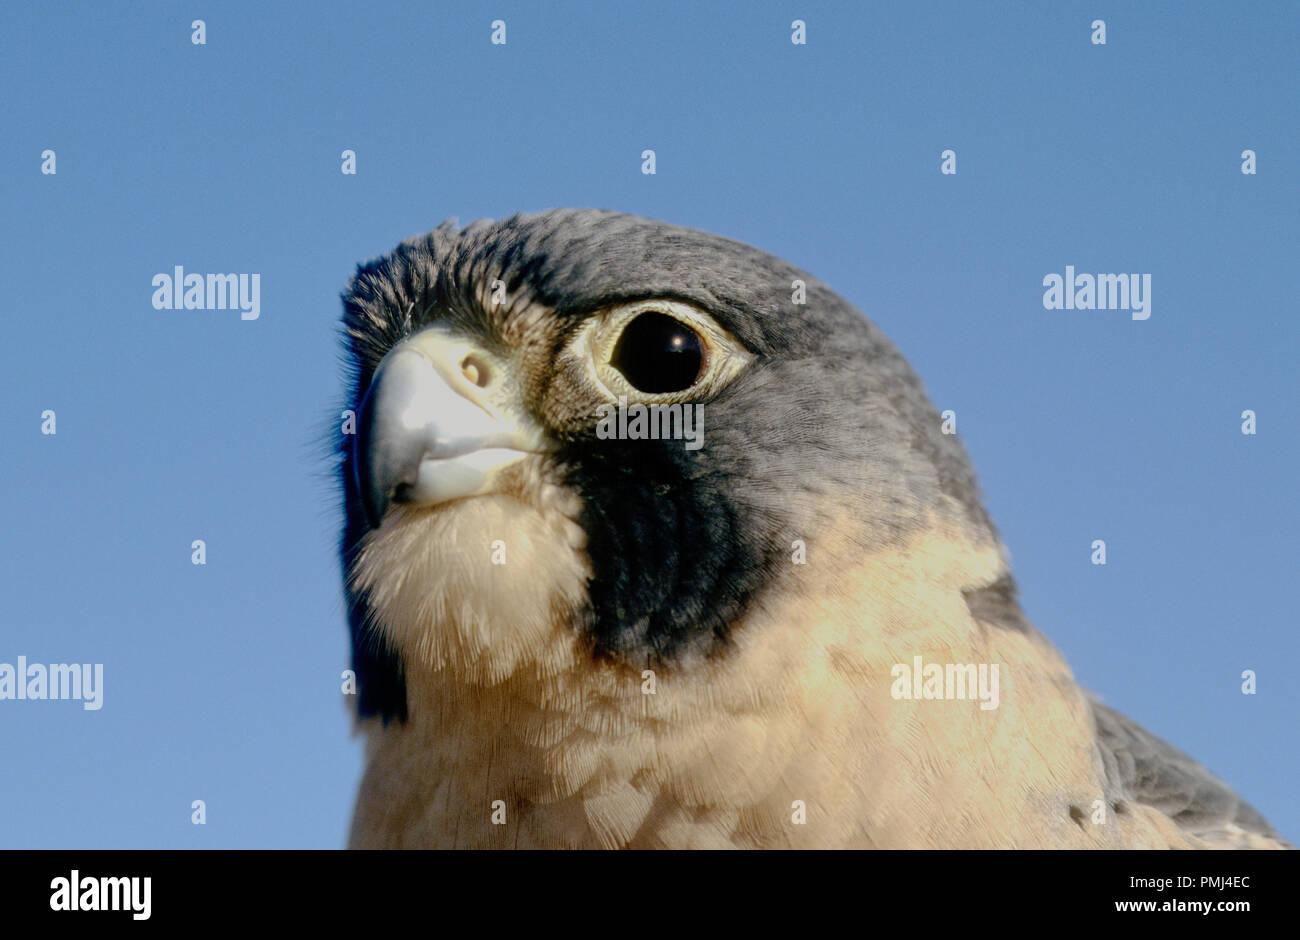 Falco Pellegrino (captive; Falco peregrinus) presso il centro mondiale per gli uccelli da preda, Boise, in Idaho, Stati Uniti d'America Immagini Stock